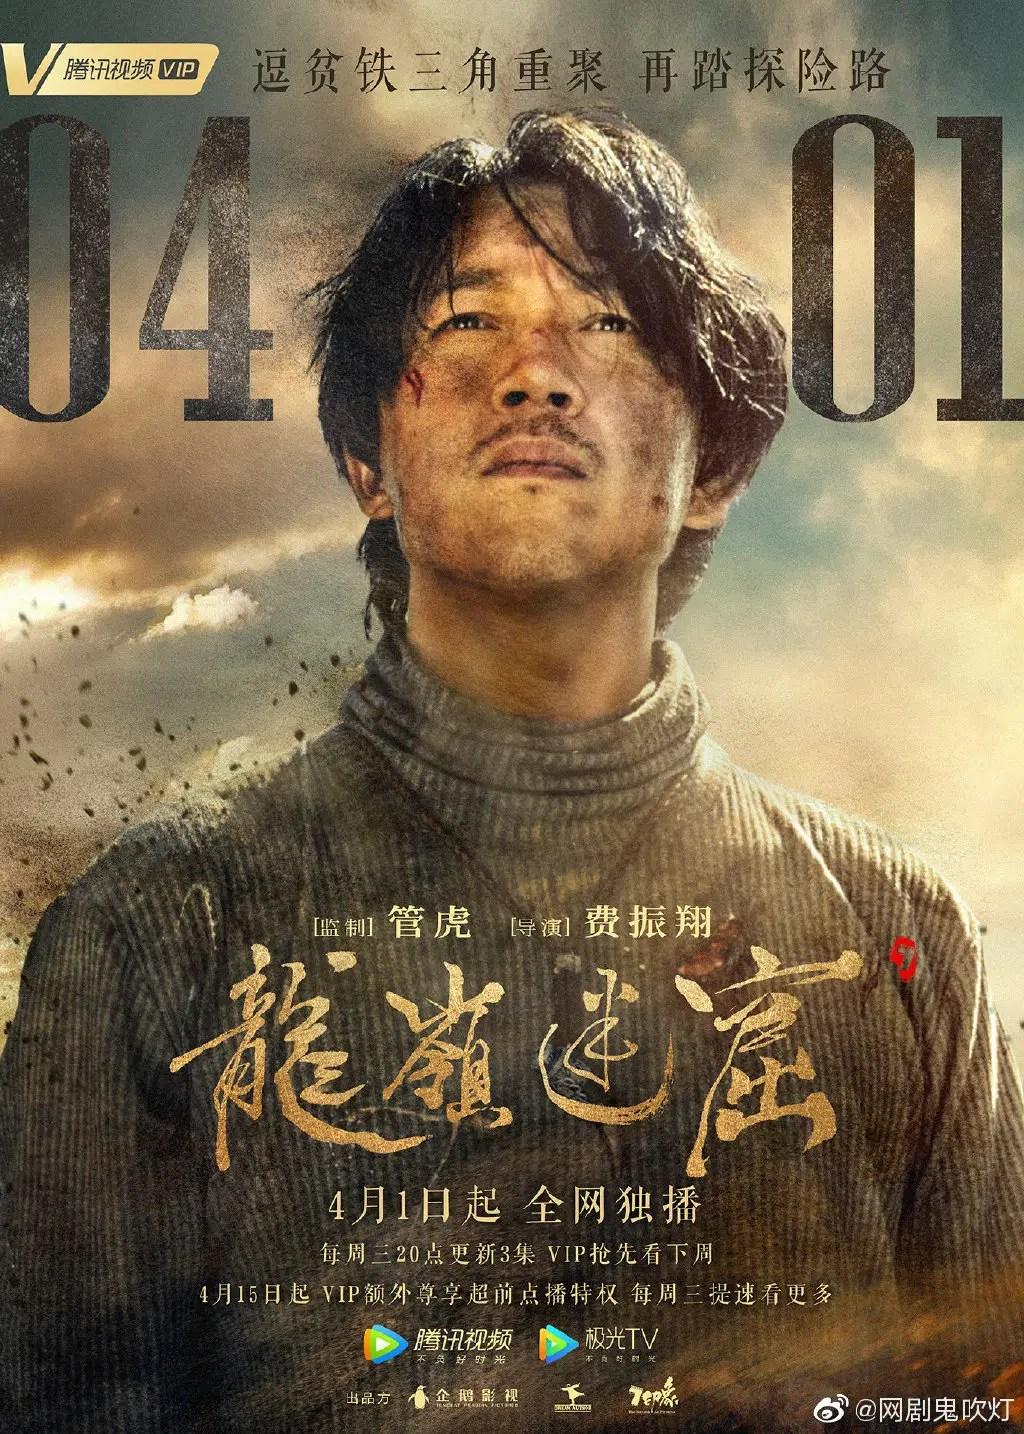 Pan Yue Ming